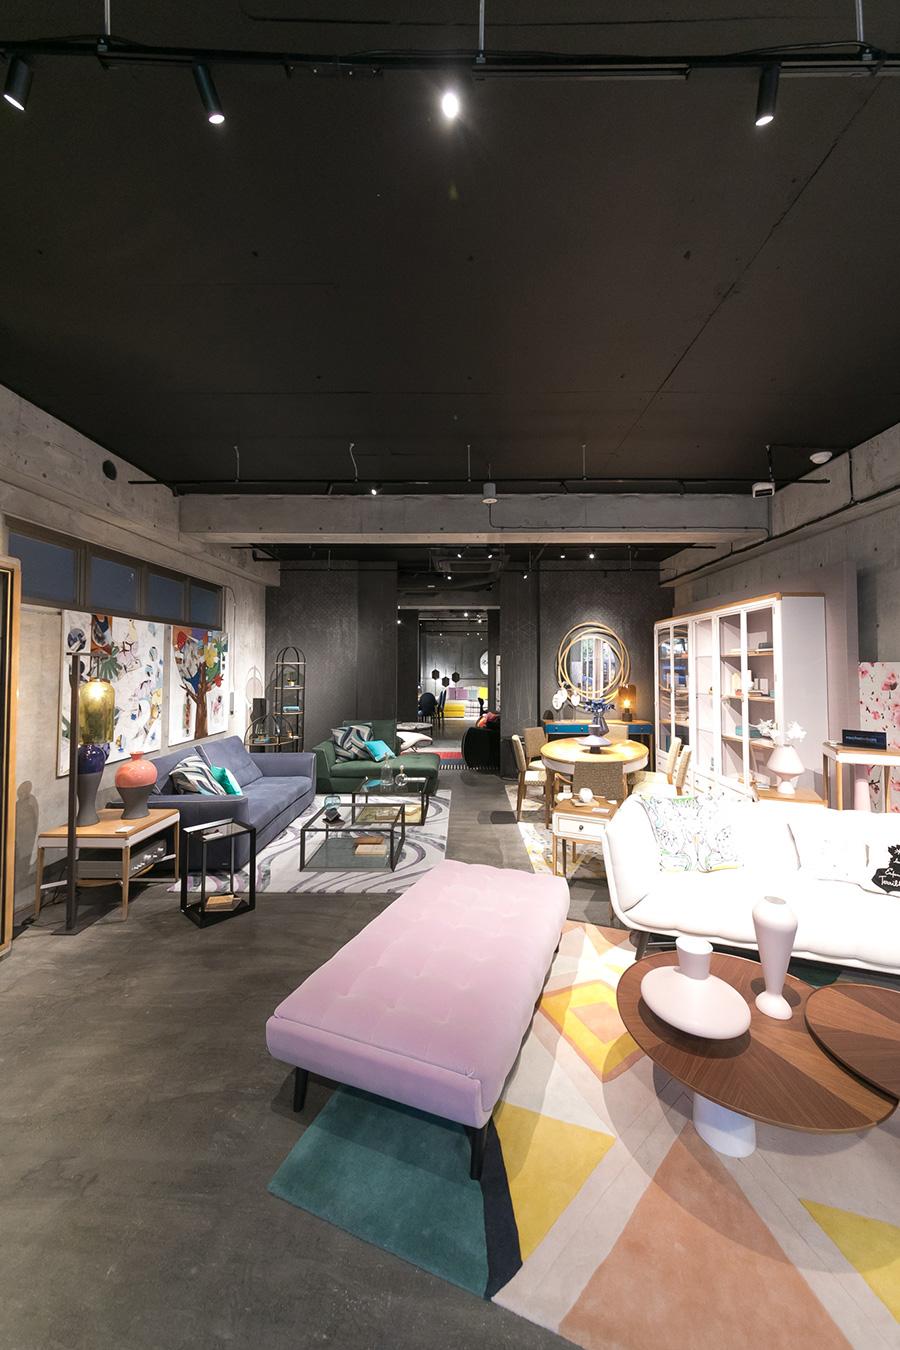 『Roche Bobois TOKYO』のすぐ近くにある『Roche Bobois TOKYO Nouveaux Classiques』のグレー&モルタル&ブラックの店内に、美しい色の家具が並ぶ。